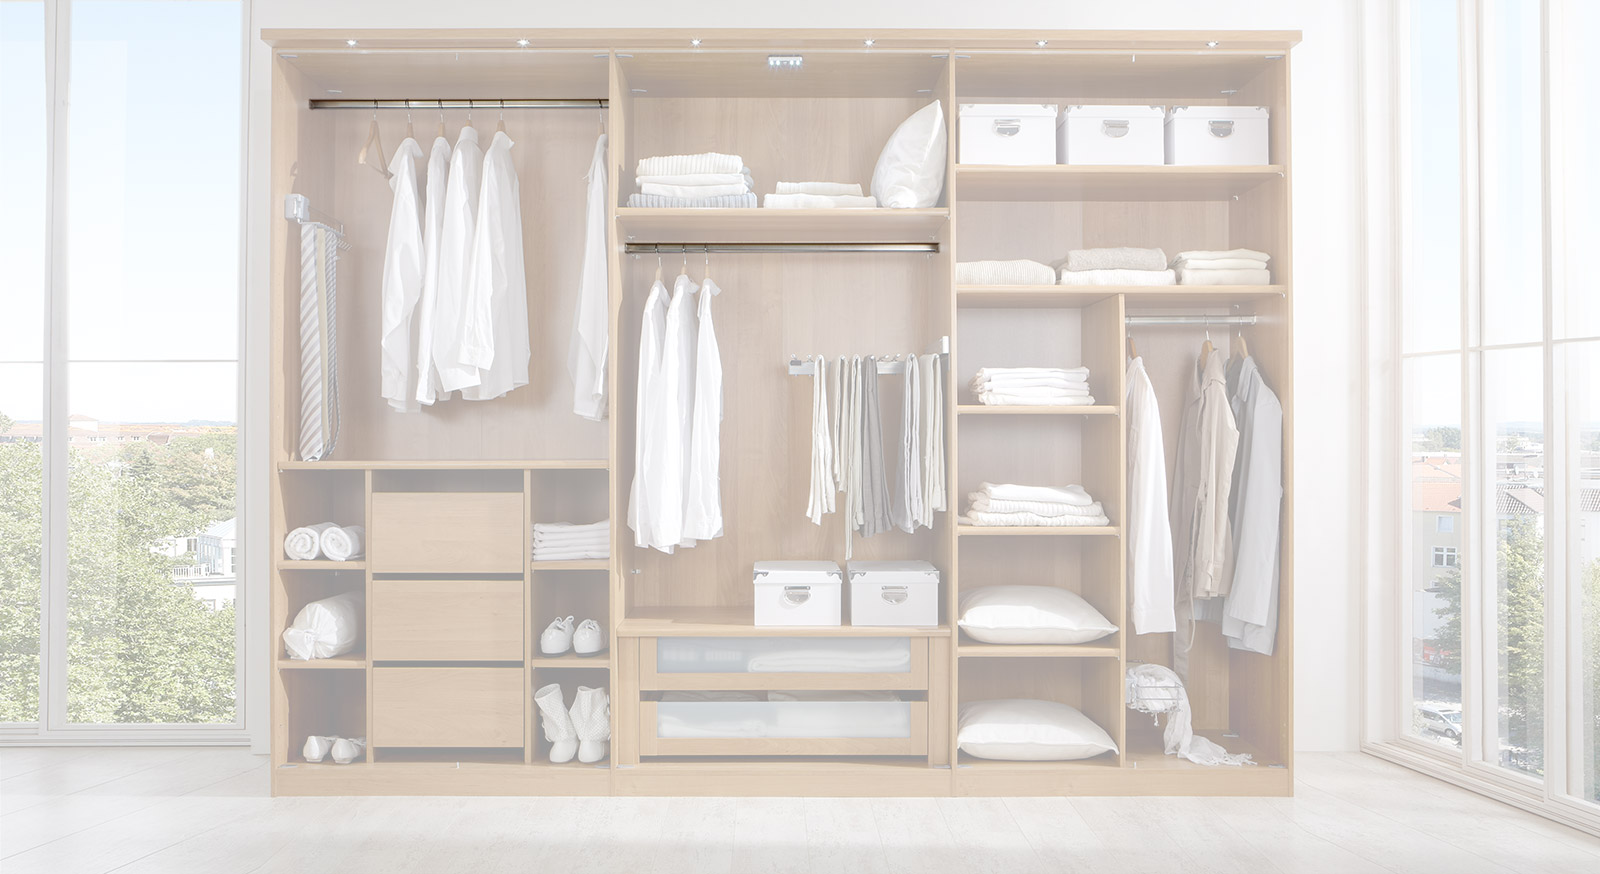 Breite Kleiderstange der Innenausstattung für Kleiderschränke